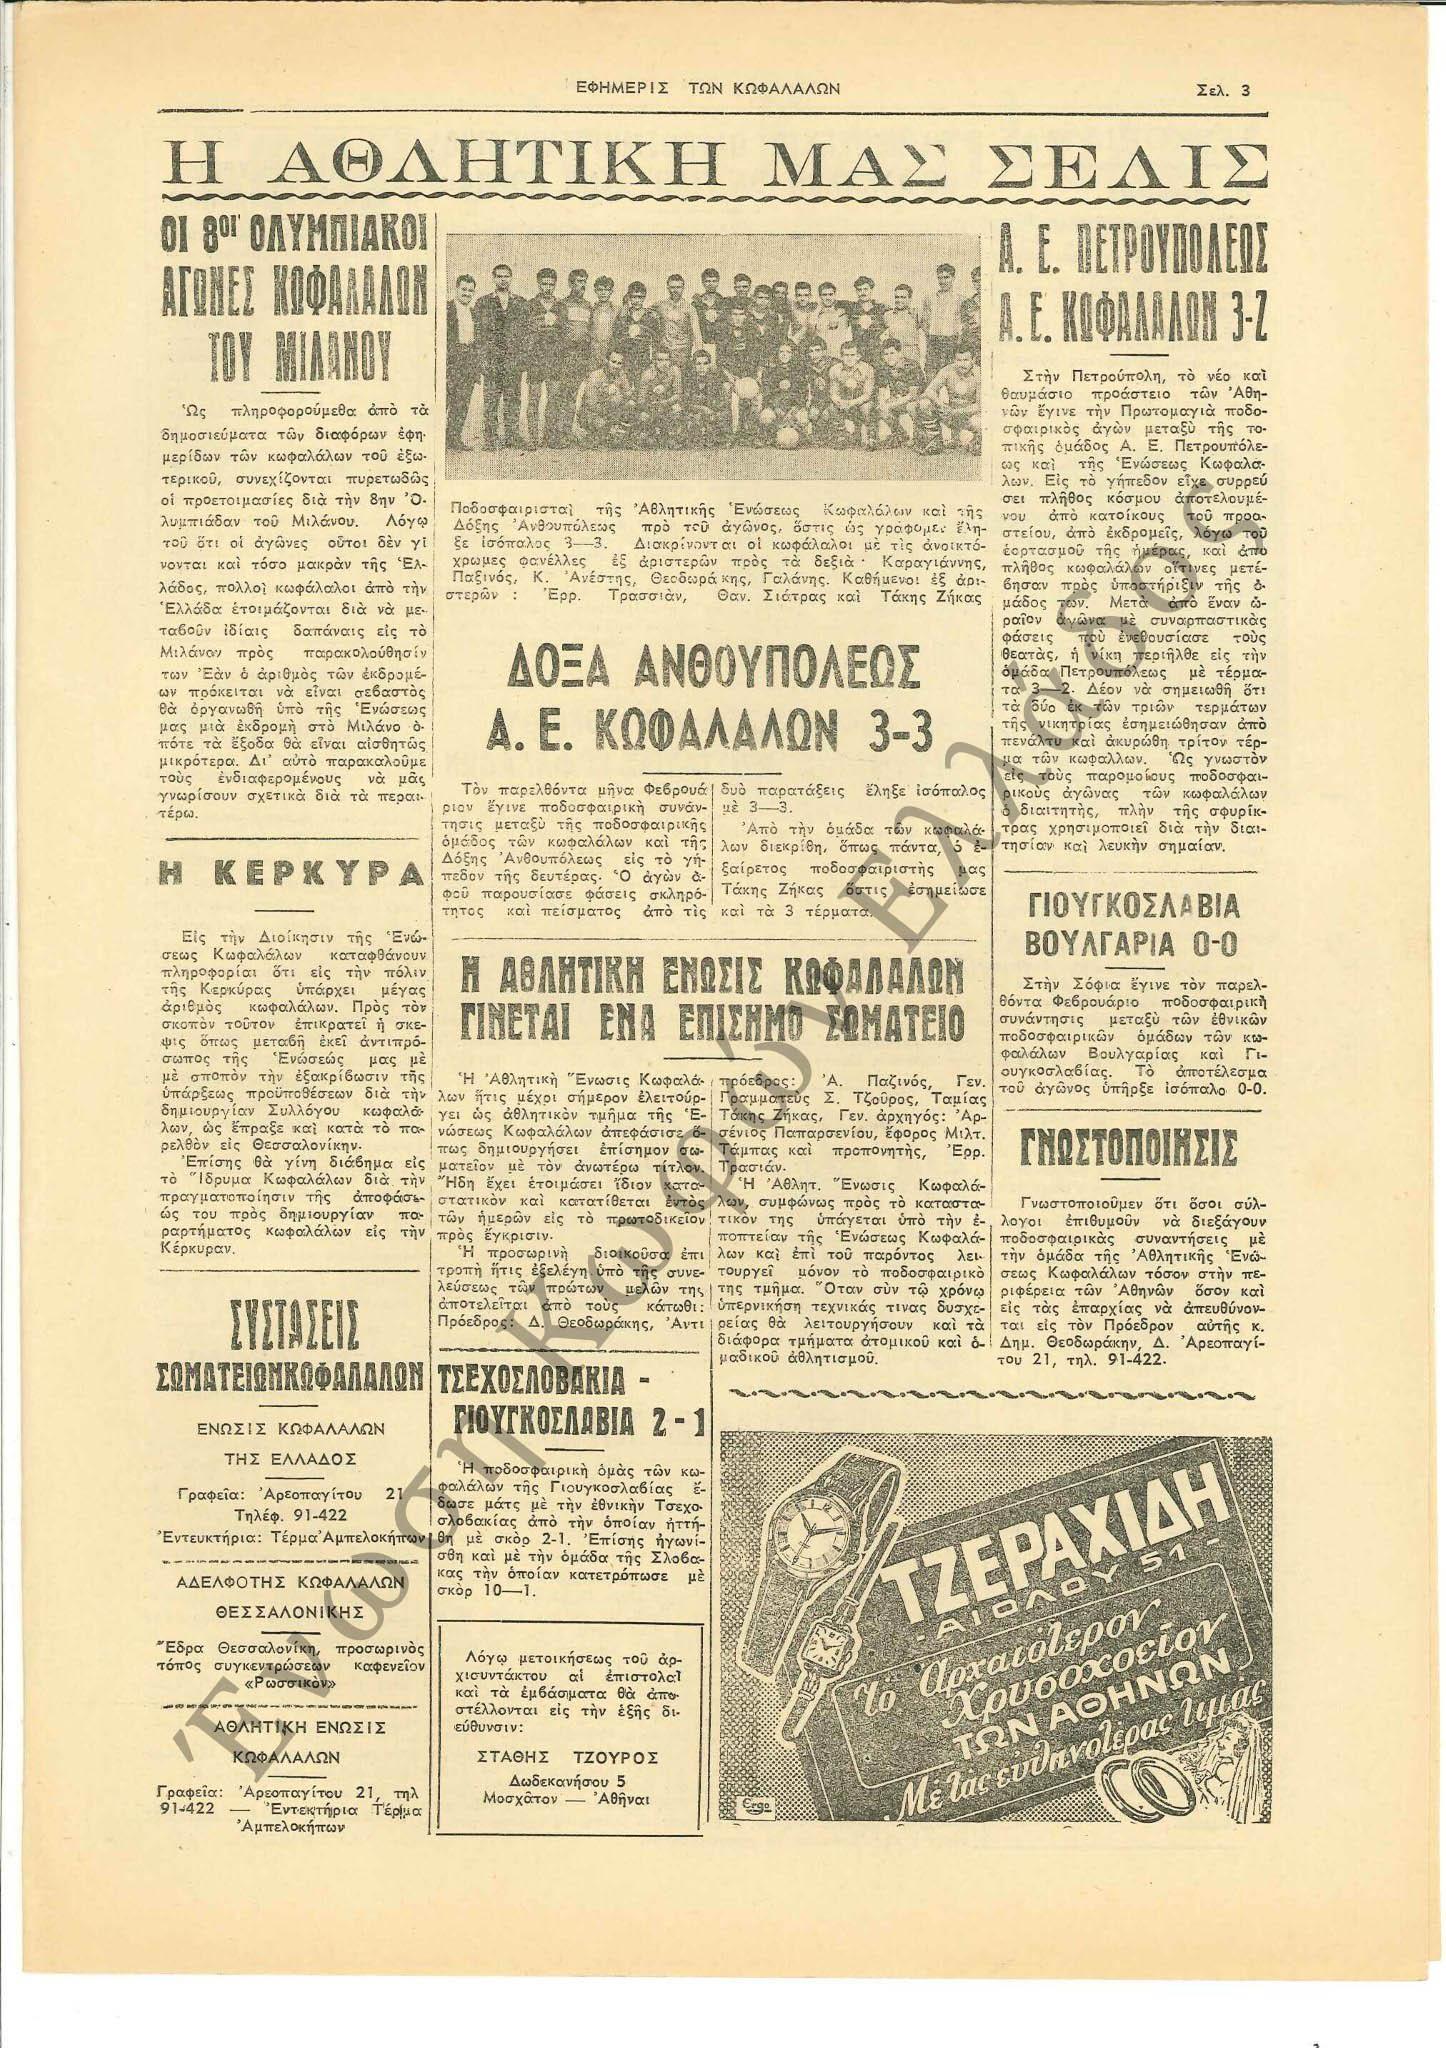 Εφημερίς των Κωφαλάλων 1957-Ιούνιος 3